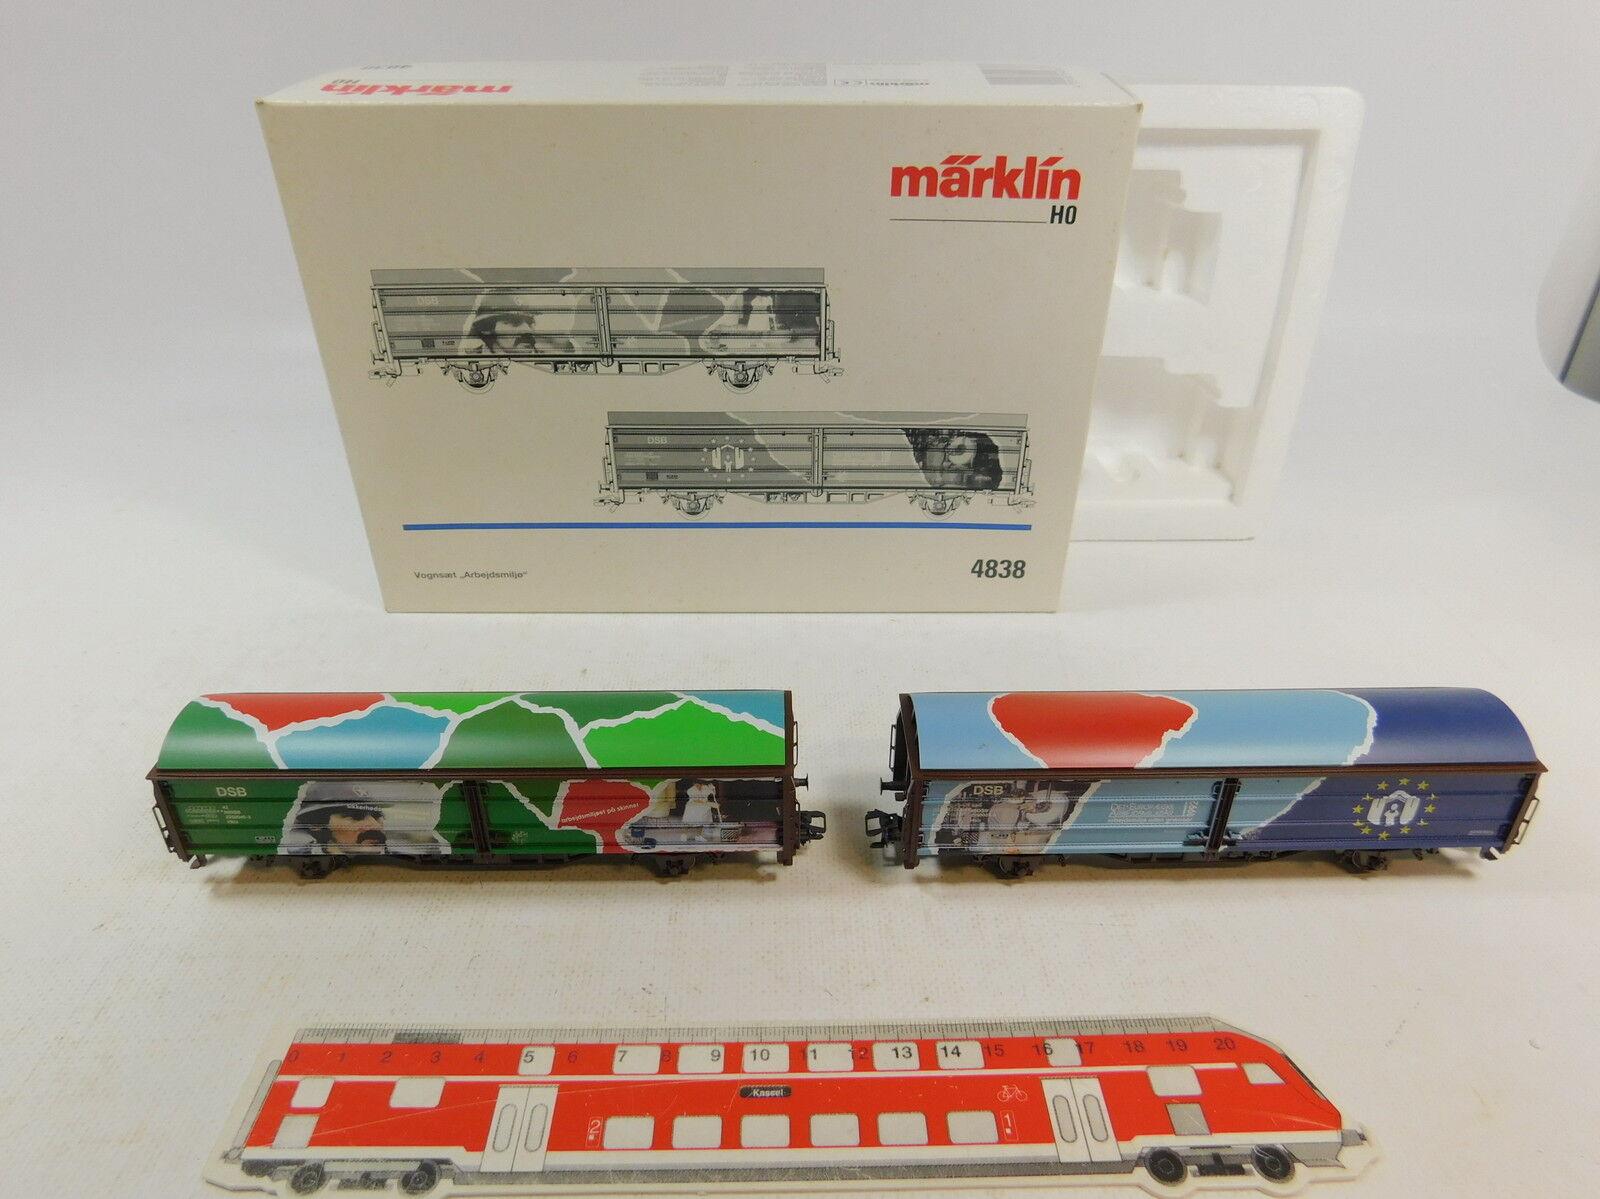 Au21-1  Märklin Marklin H0 AC 4838 Wagon Set Arbeitswelt DSB NEM KK, NIP